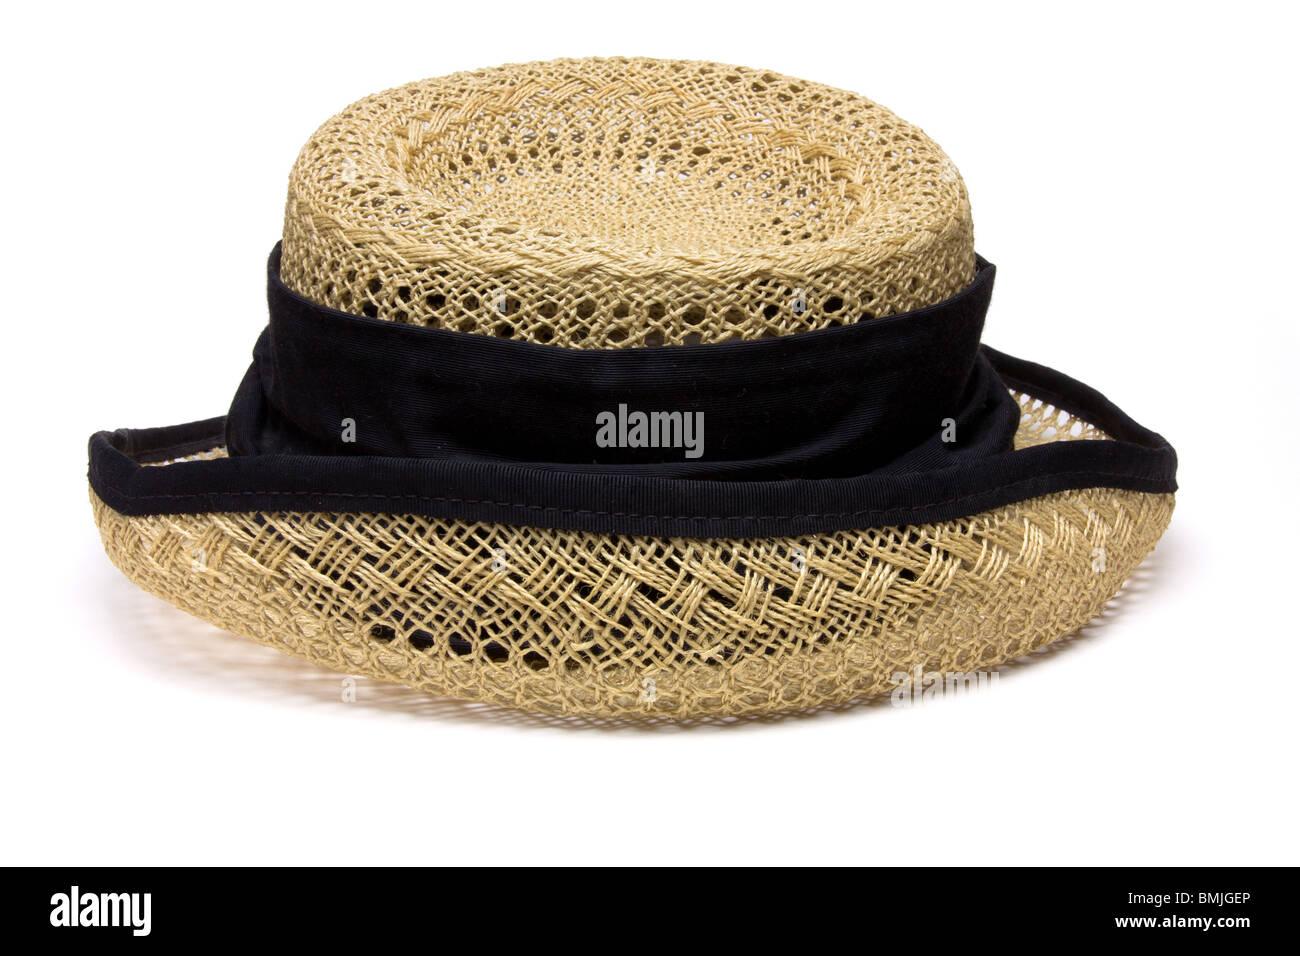 9a9c446e5651e Señoras Vintage sombrero de paja desde la perspectiva baja aislados contra  el fondo blanco. Imagen